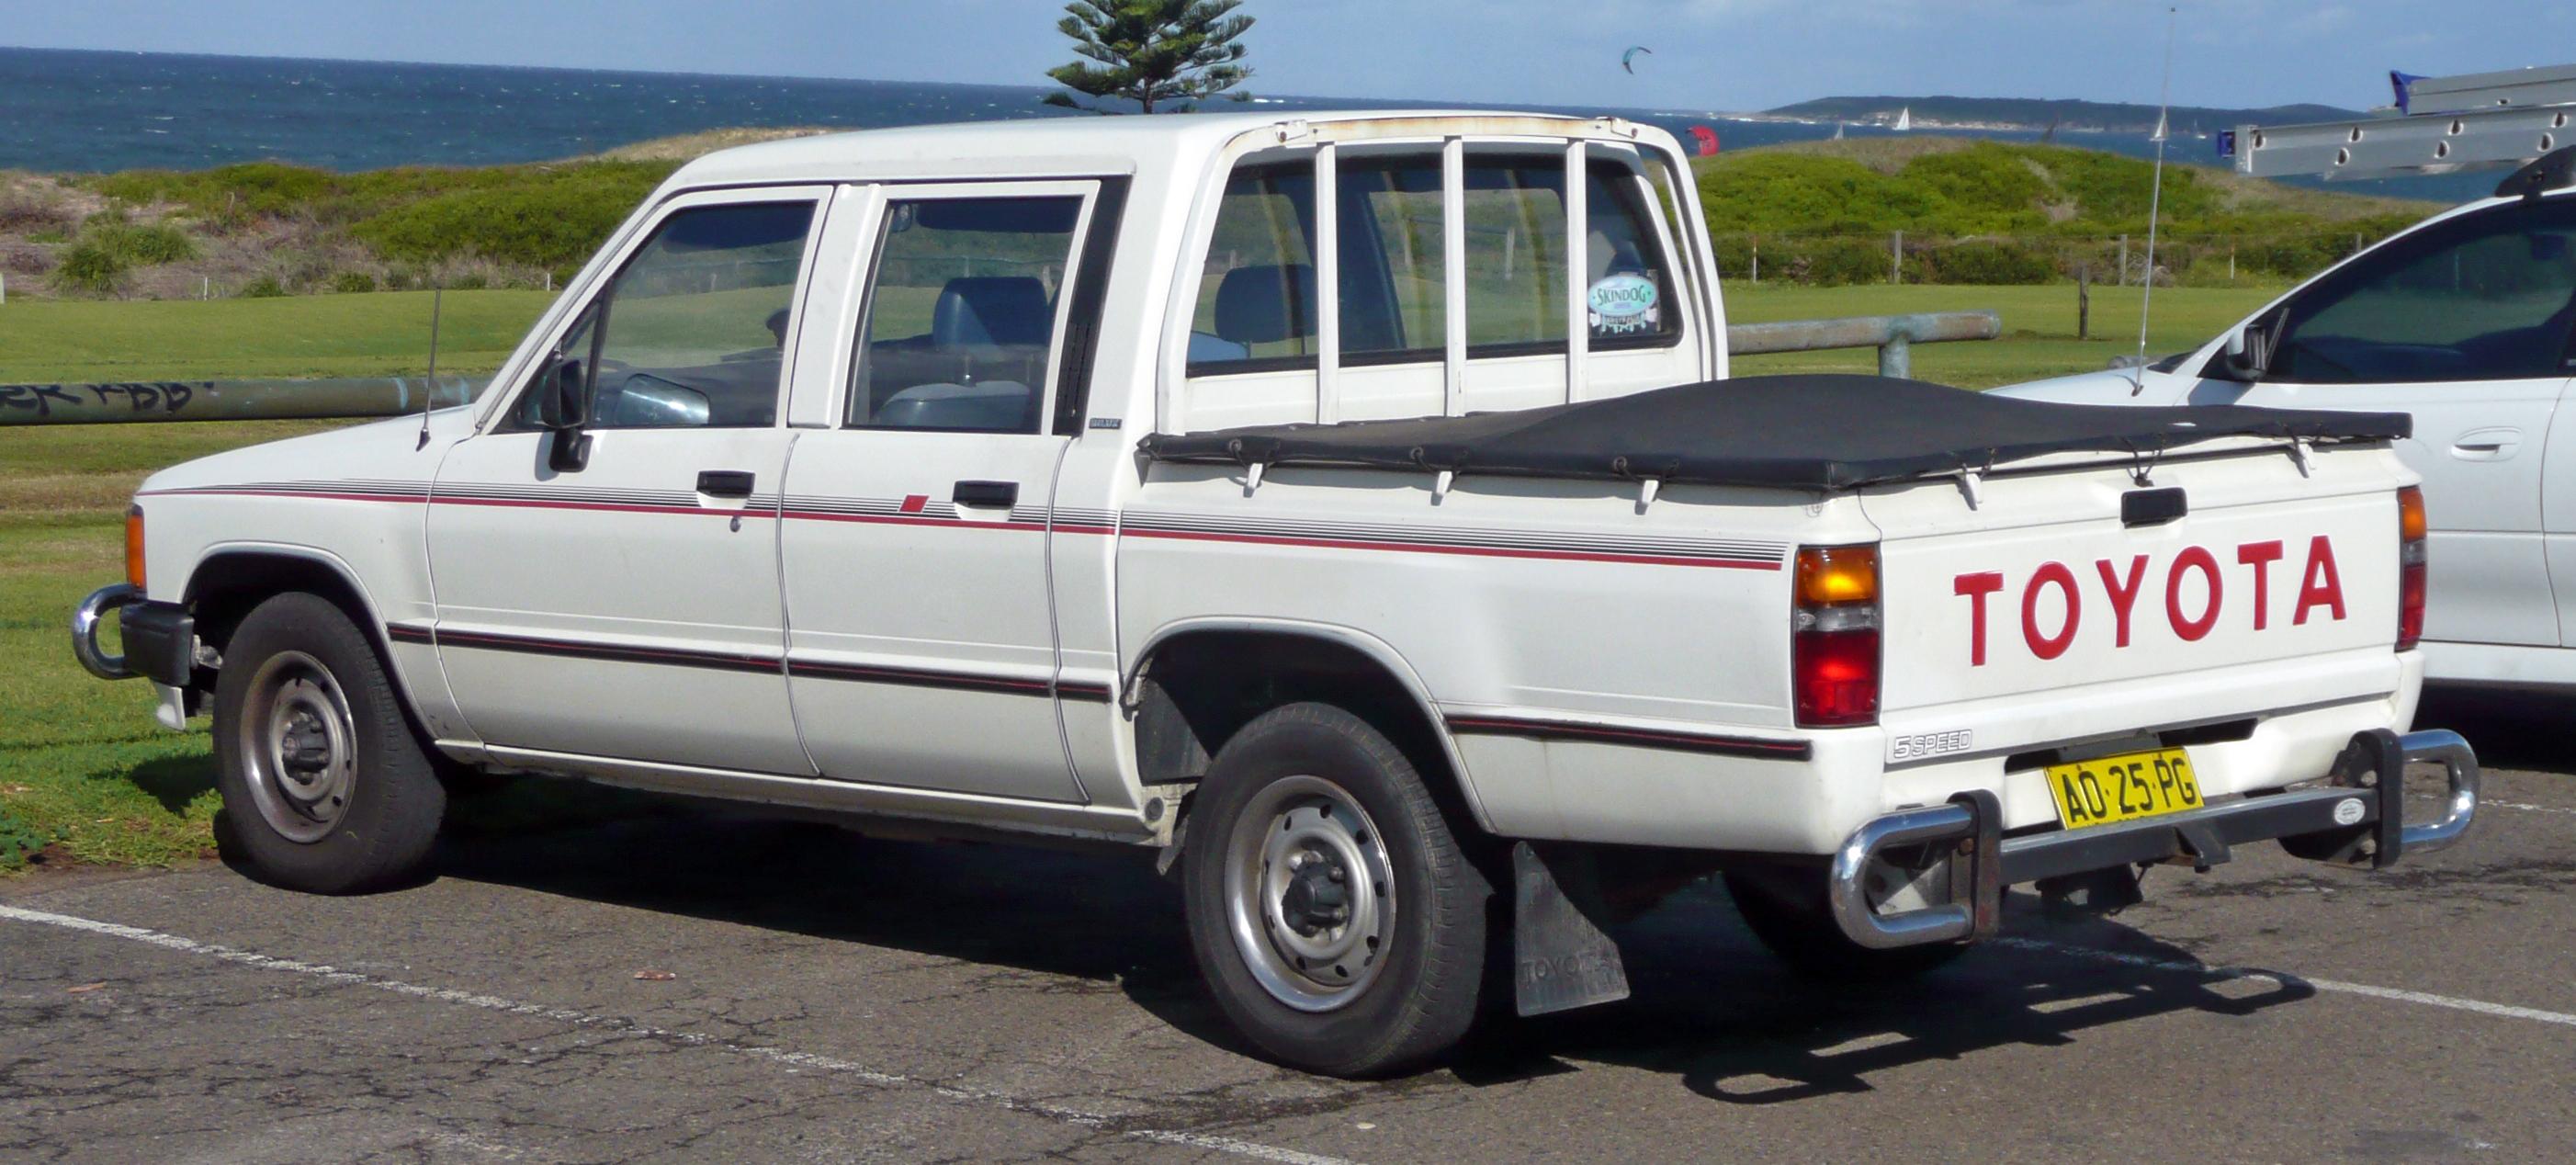 File1983-1988 Toyota Hilux (YN58R) 4-door utility 01. & File:1983-1988 Toyota Hilux (YN58R) 4-door utility 01.jpg ...